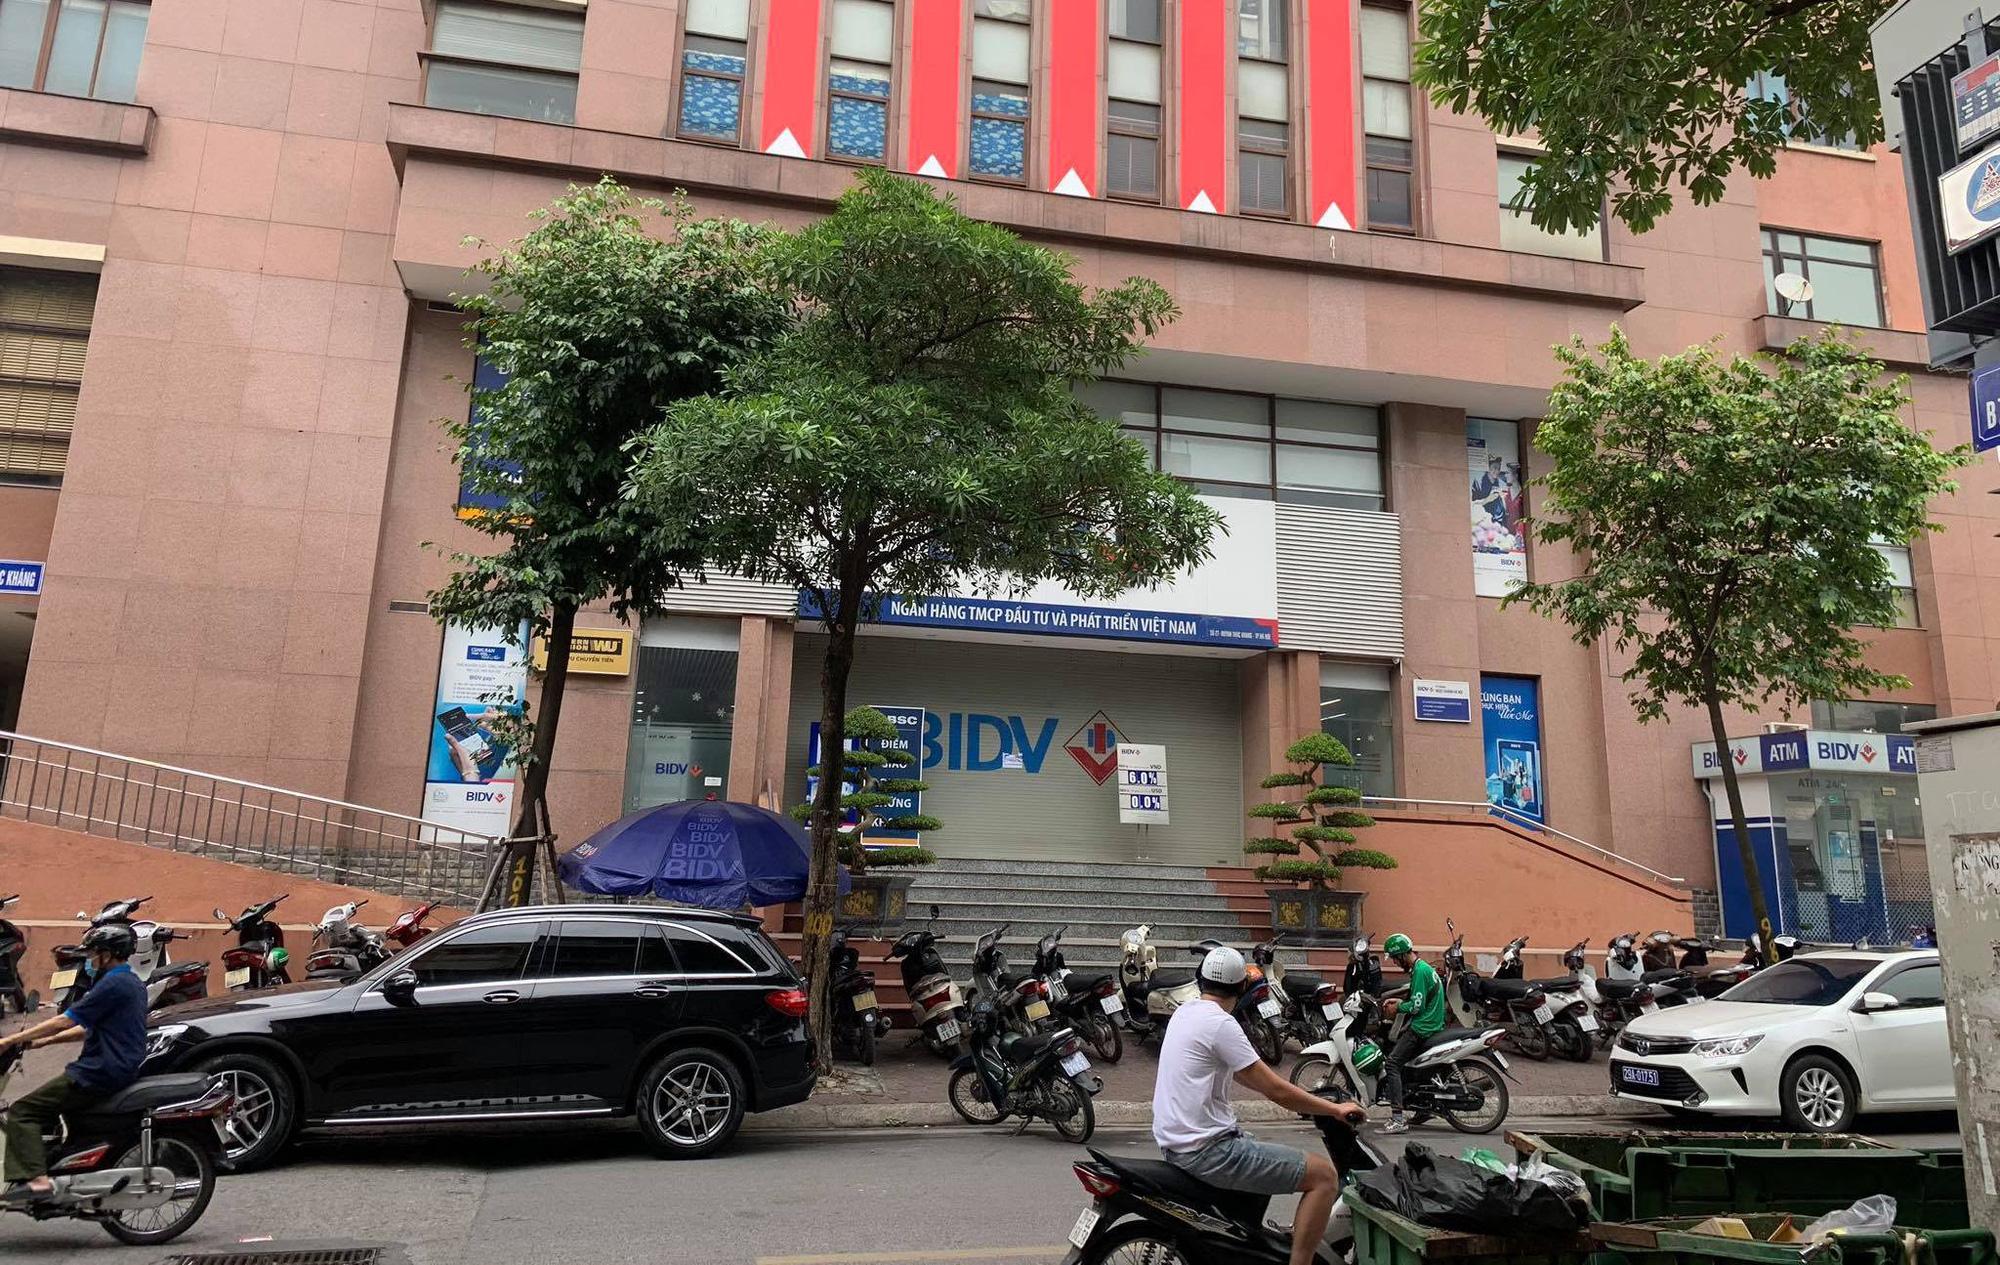 Vụ cướp ngân hàng tại Hà Nội: 2 tên cướp ném lựu đạn, rơi tiền trên đường chạy trốn - Ảnh 1.